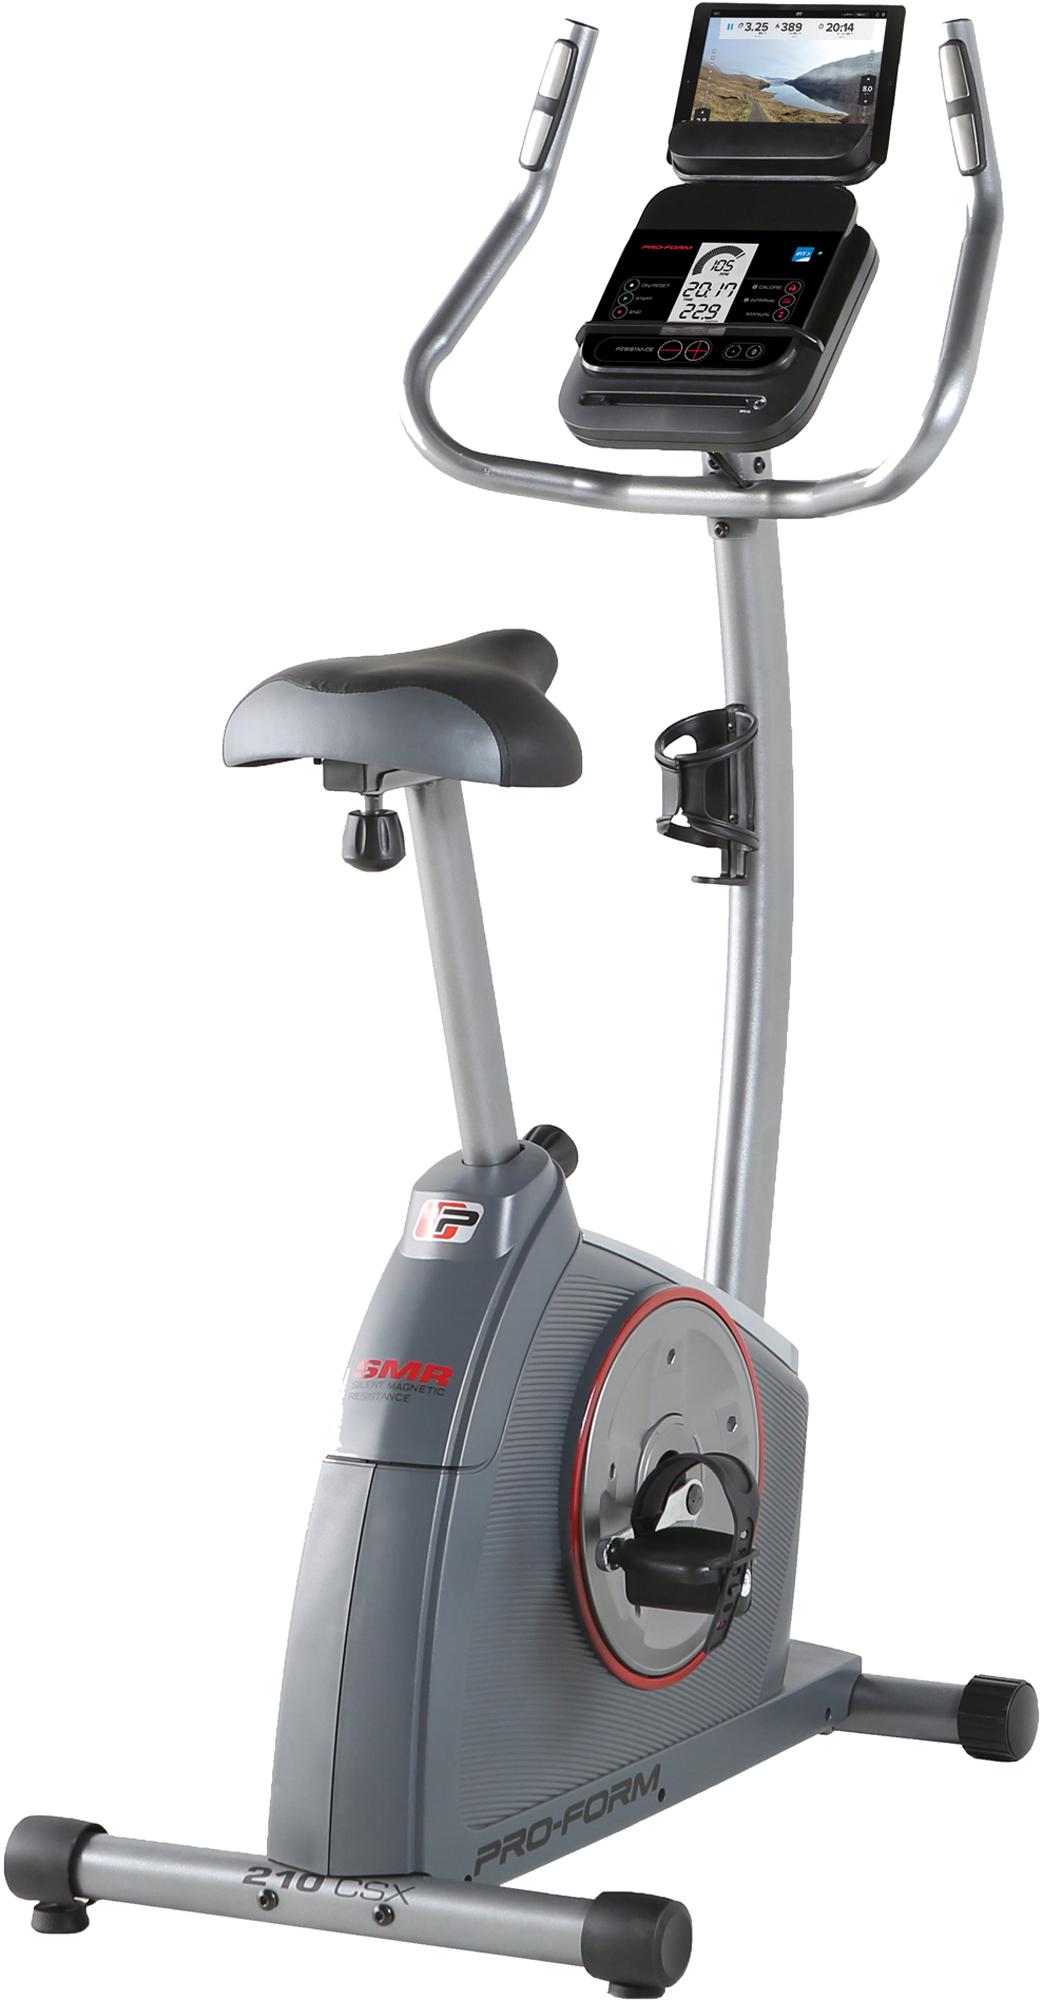 Фото - PRO-FORM Велотренажер магнитный Pro-Form 210 CSX вертикальный велотренажер fitex pro u